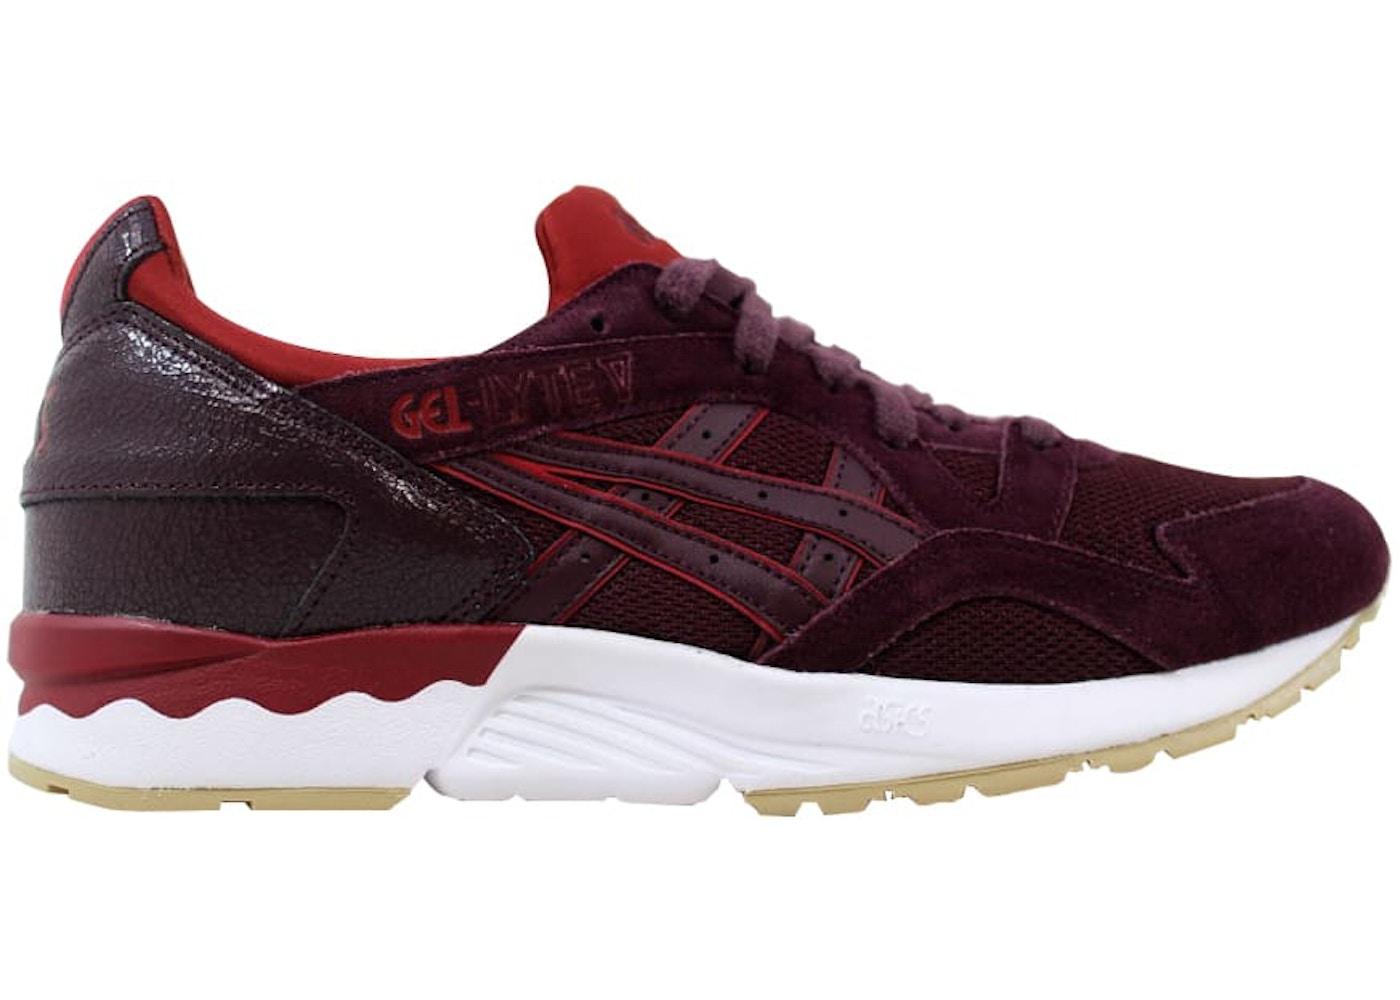 best sneakers c65e3 e1e5d Asics Gel Lyte V 5 Rioja Red/Rioja Red